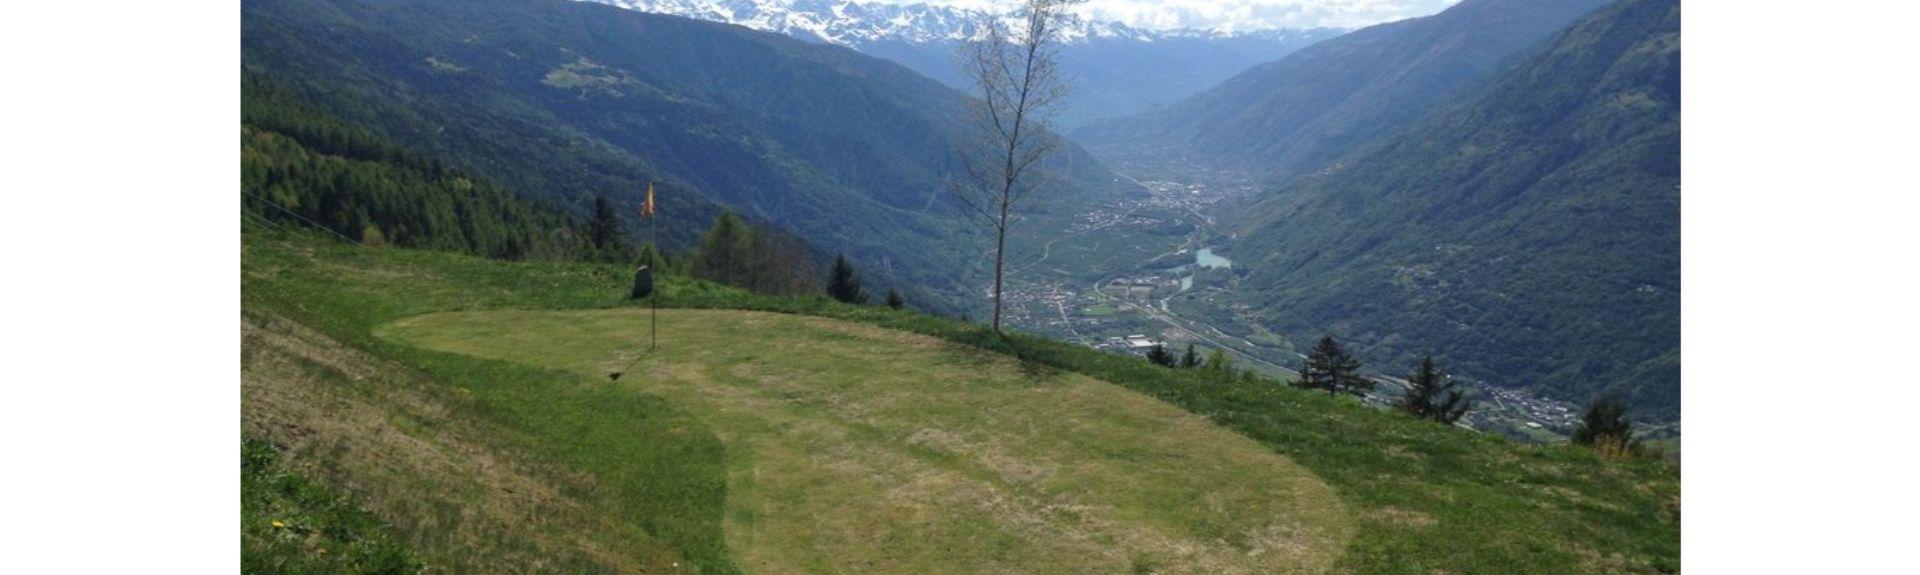 Vione, Province of Brescia, Lombardy, Italy